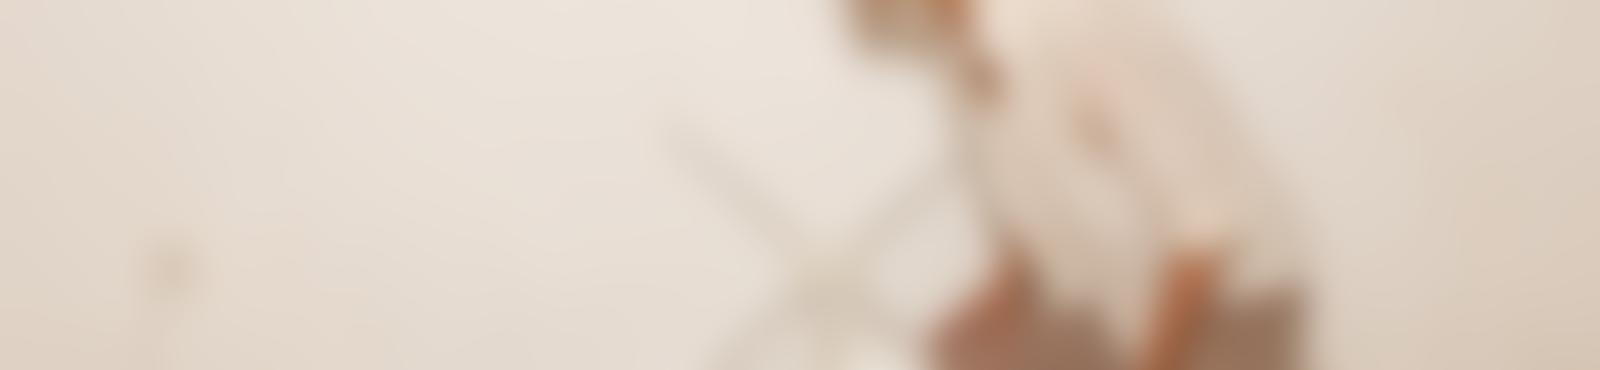 Blurred 7188e498 89c7 468f ac8f 3caa20ef6459